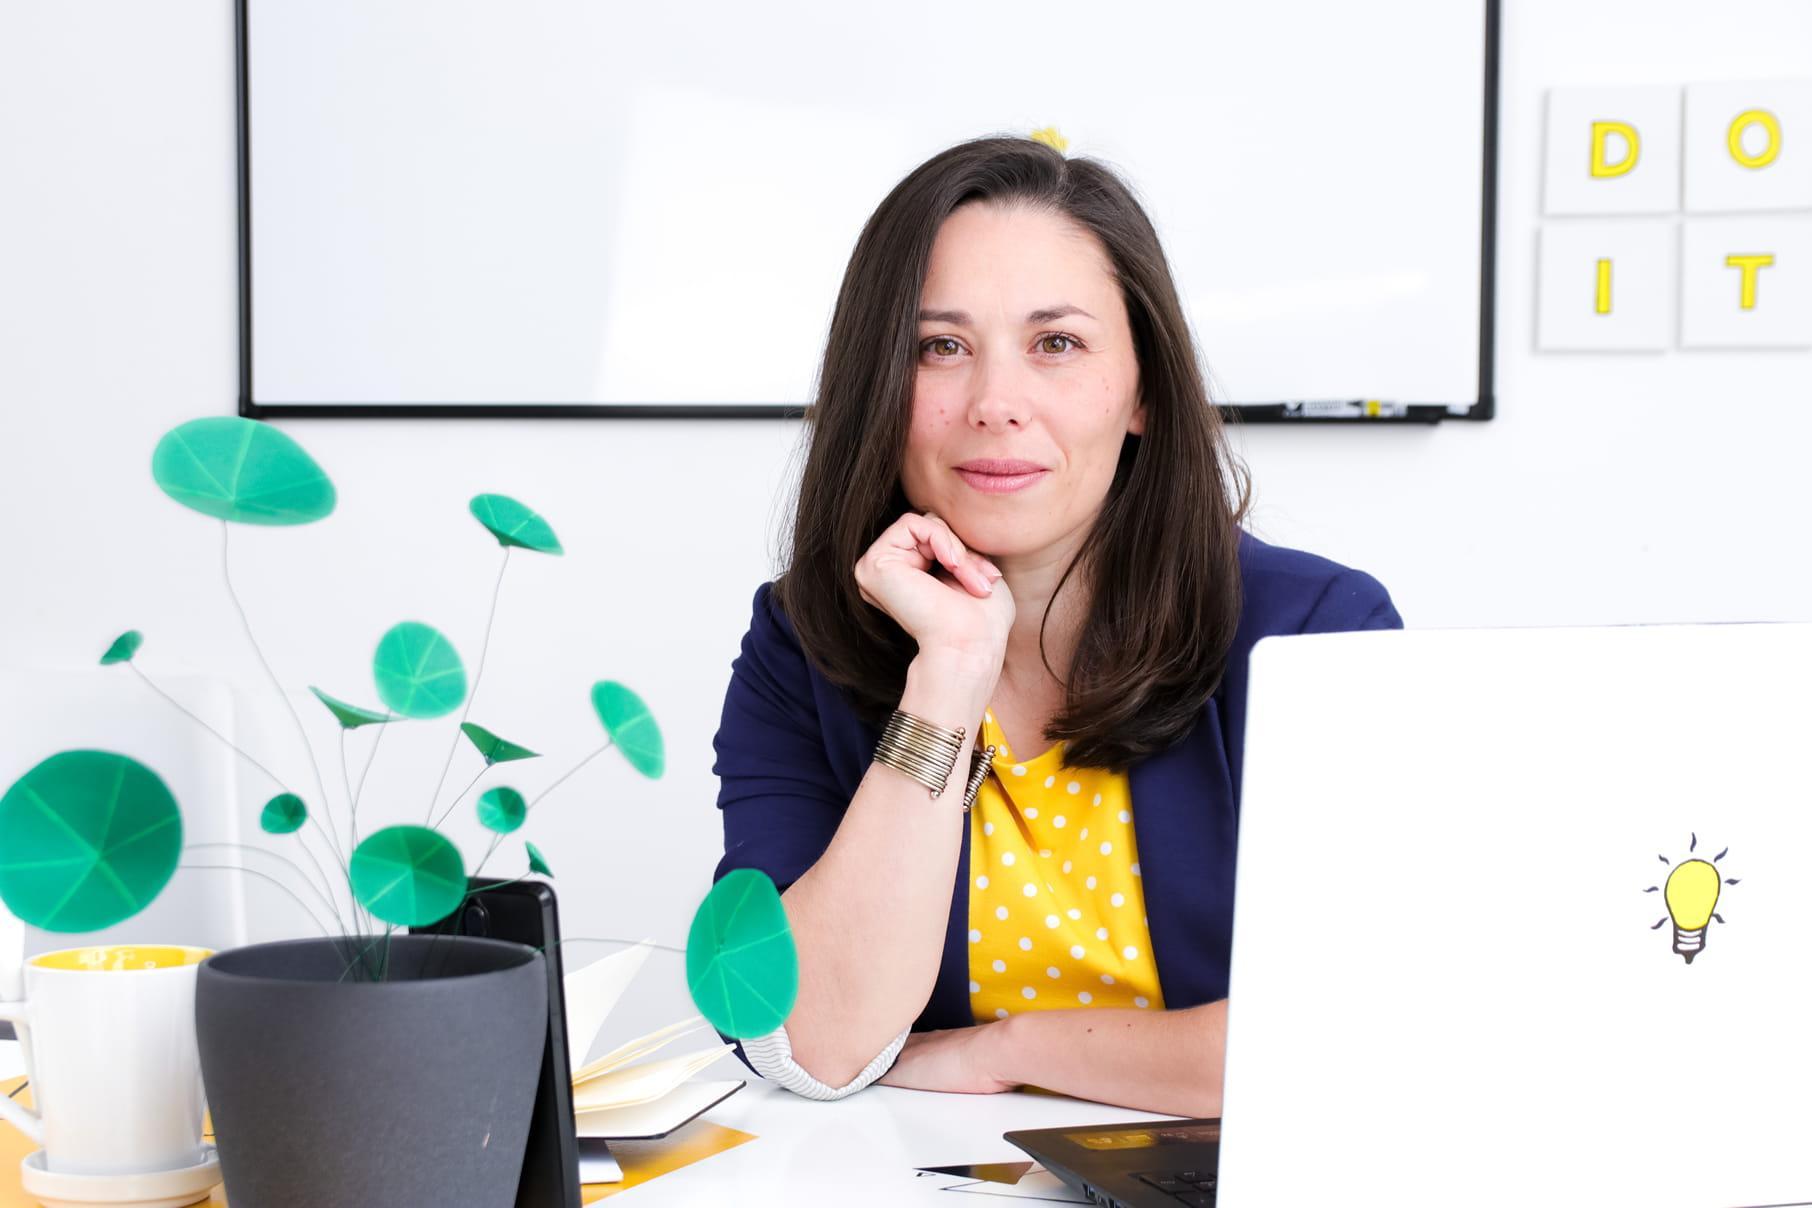 Du hast eine Frage zu meinen Online-Kursen oder möchtest mit mir zusammenarbeiten? Dann schreib mir einfach eine E-Mail. | Filiz - Blogger-Coaching.de